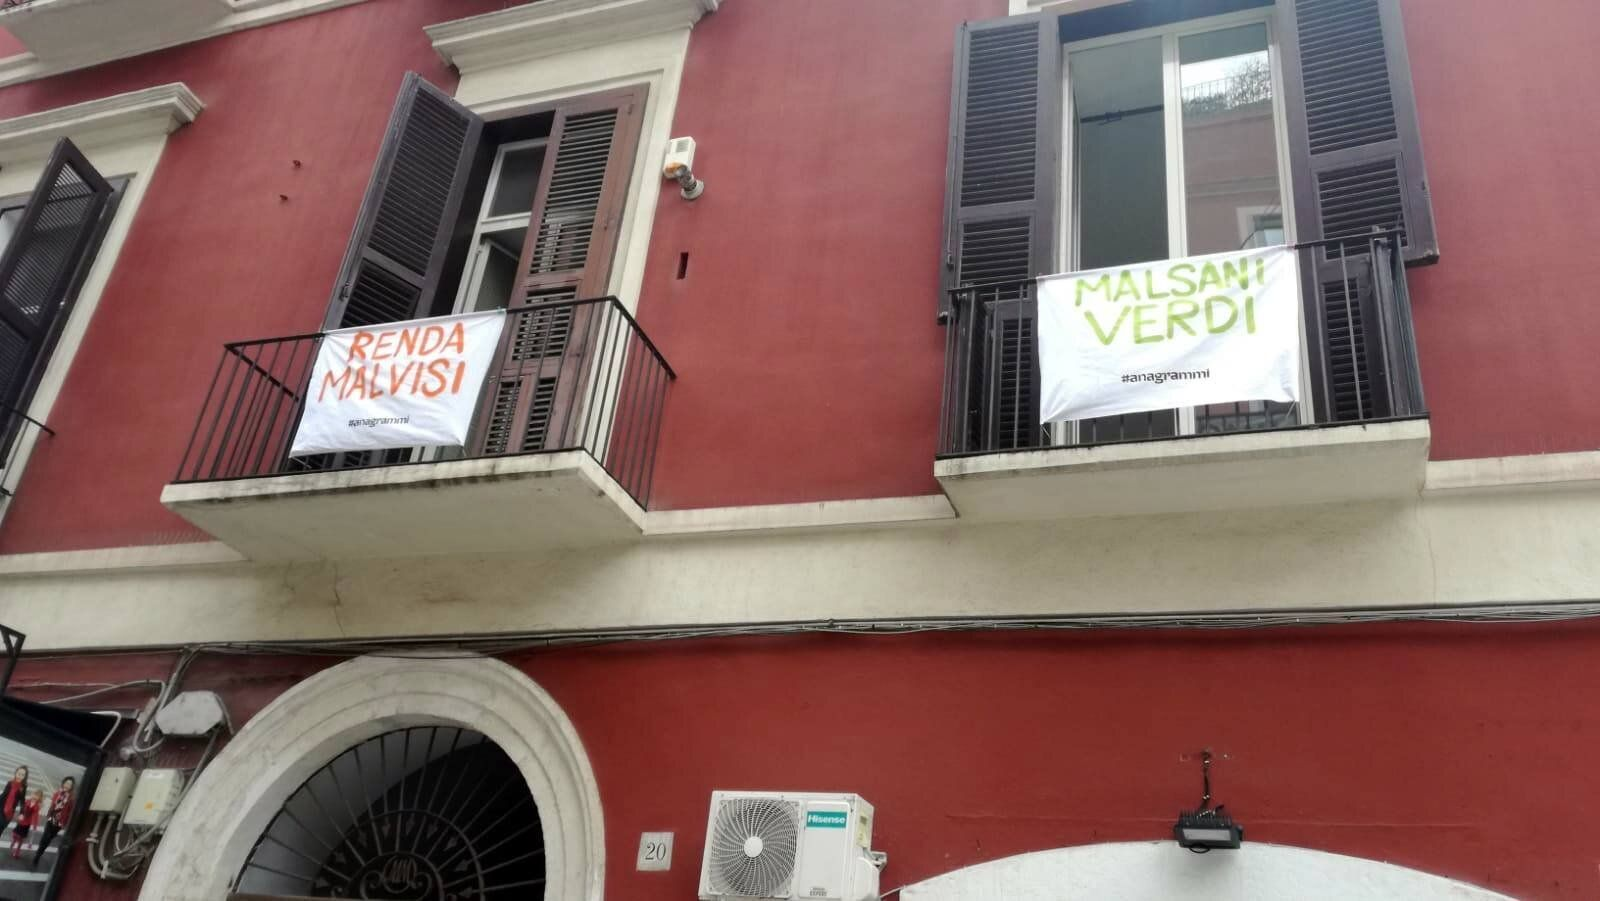 Anagrammi contro Salvini: la trovata a Bari per non farsi se